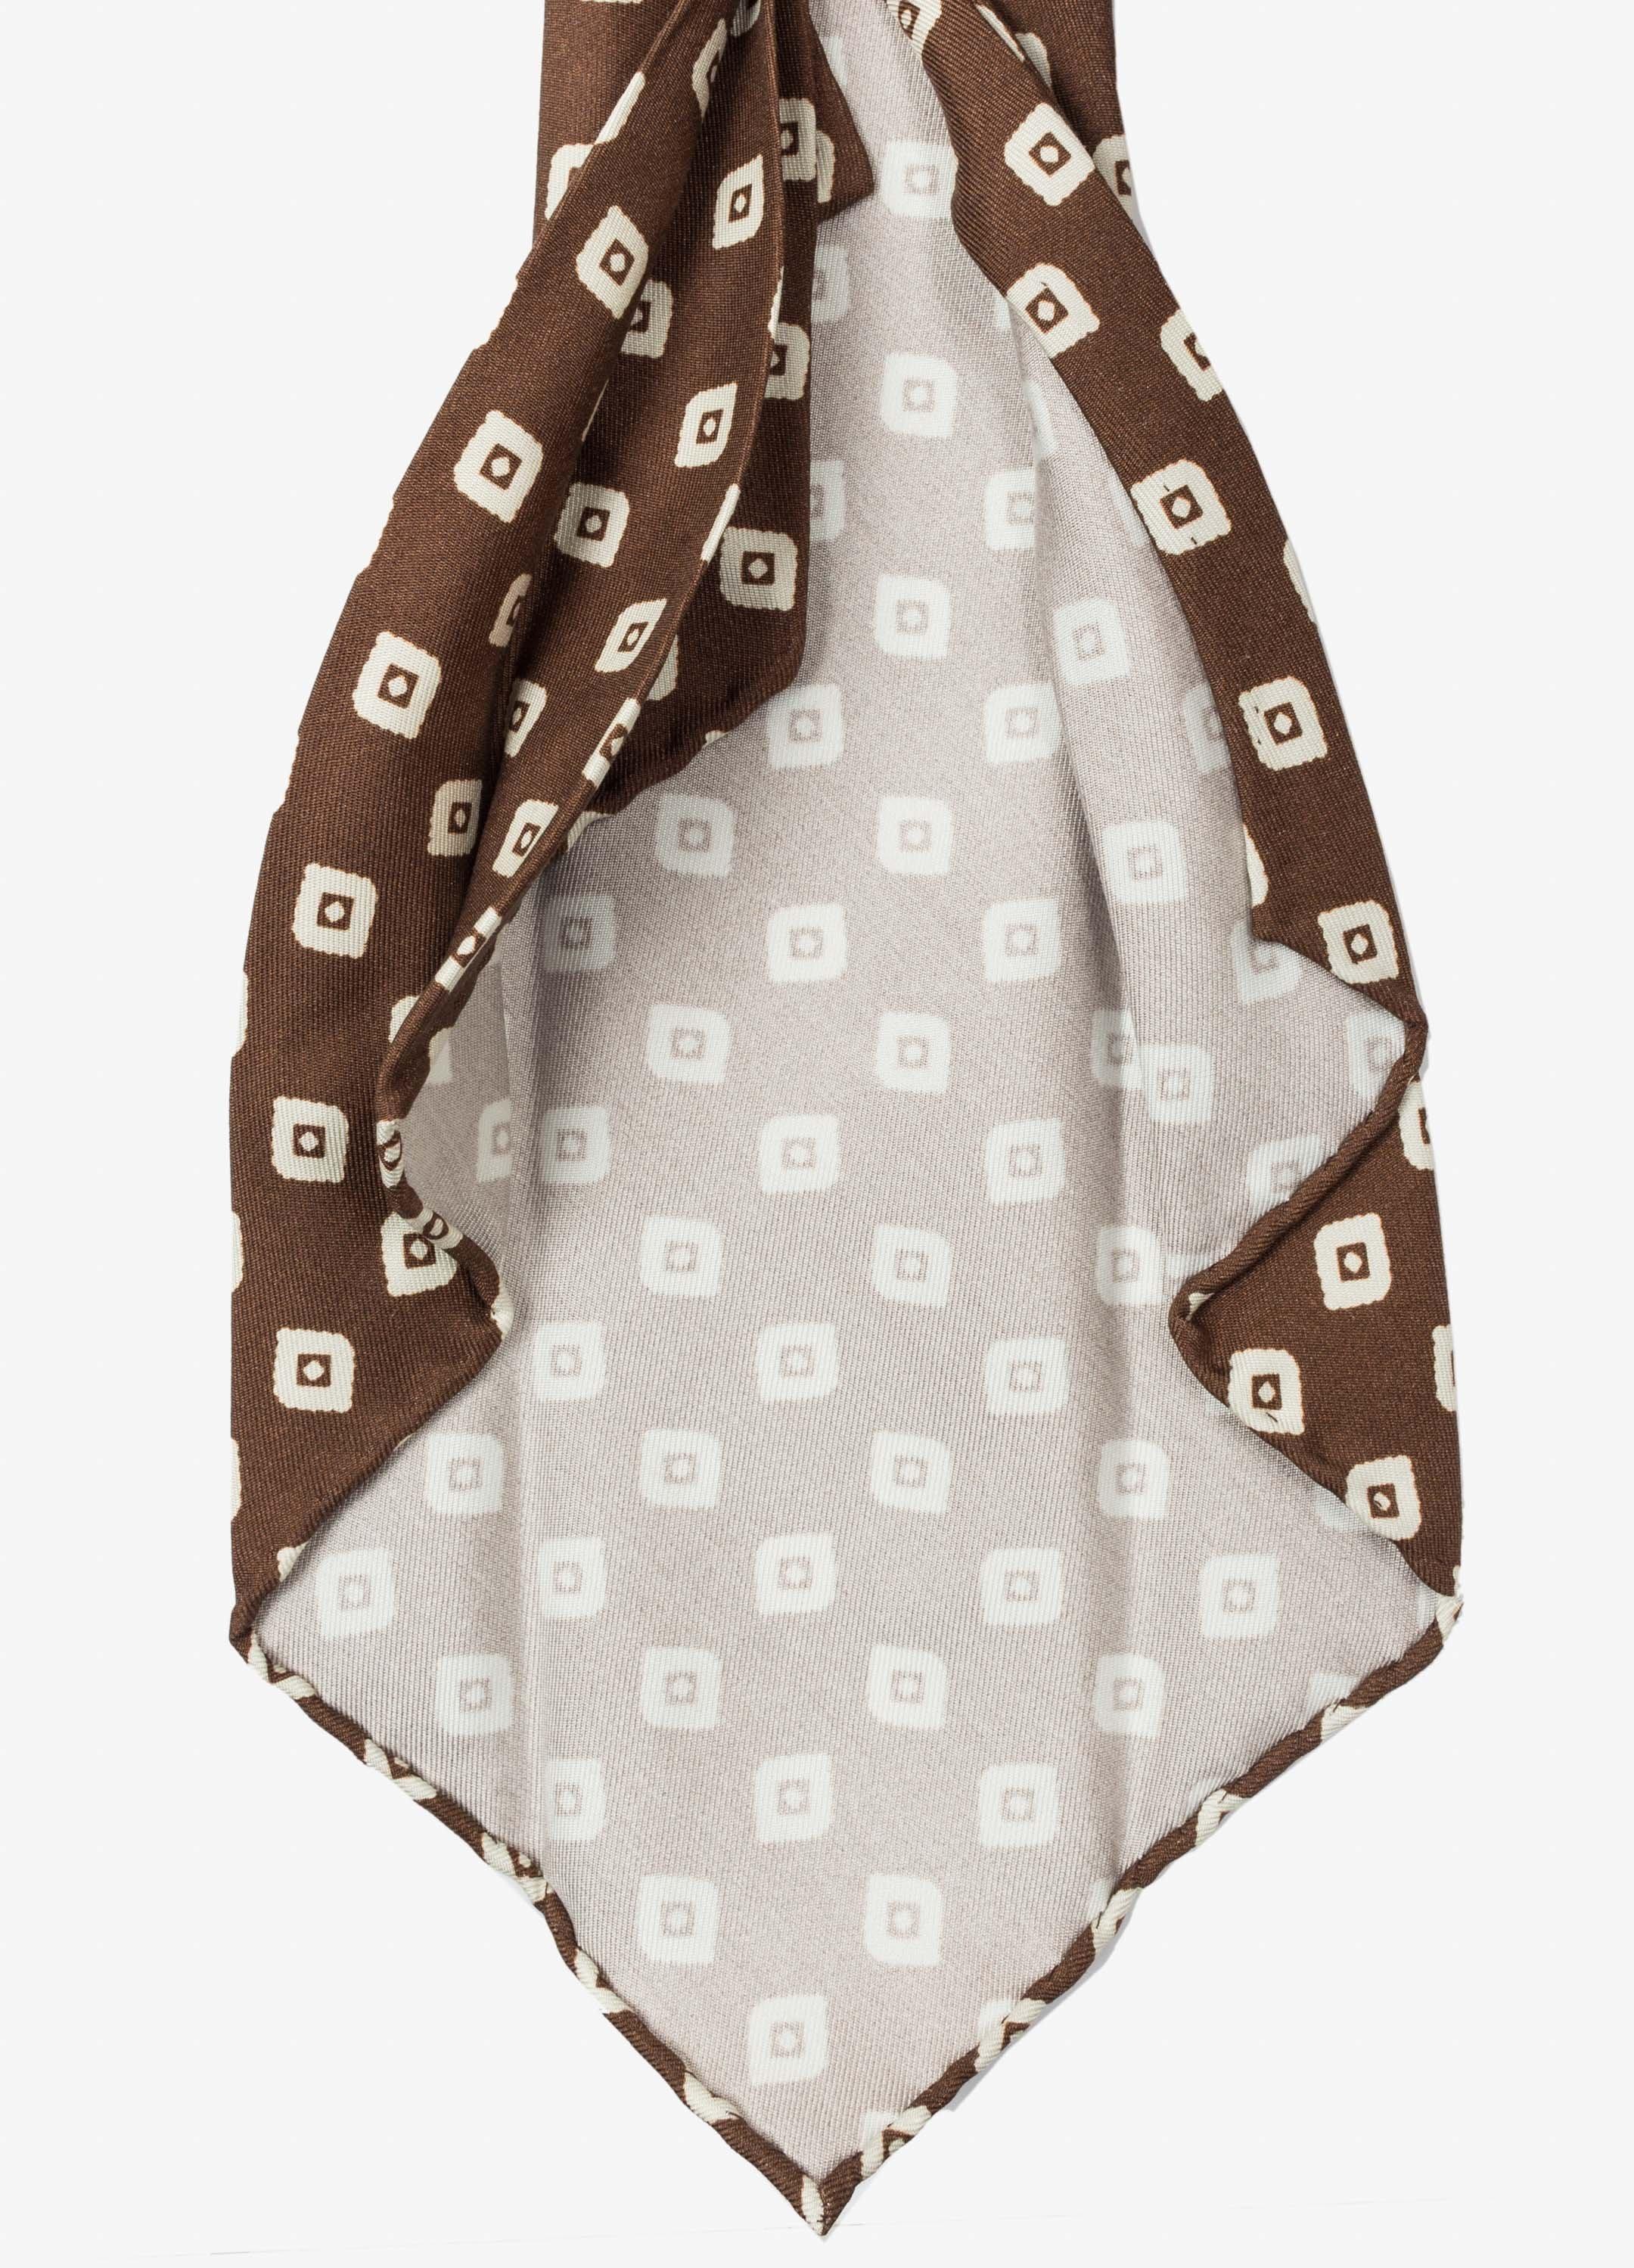 Cravate 7 plis de la marque suédoise  Berg and Berg -  Confectionnée en Italie  On distingue facilement les plis ainsi que l'absence de triplure.